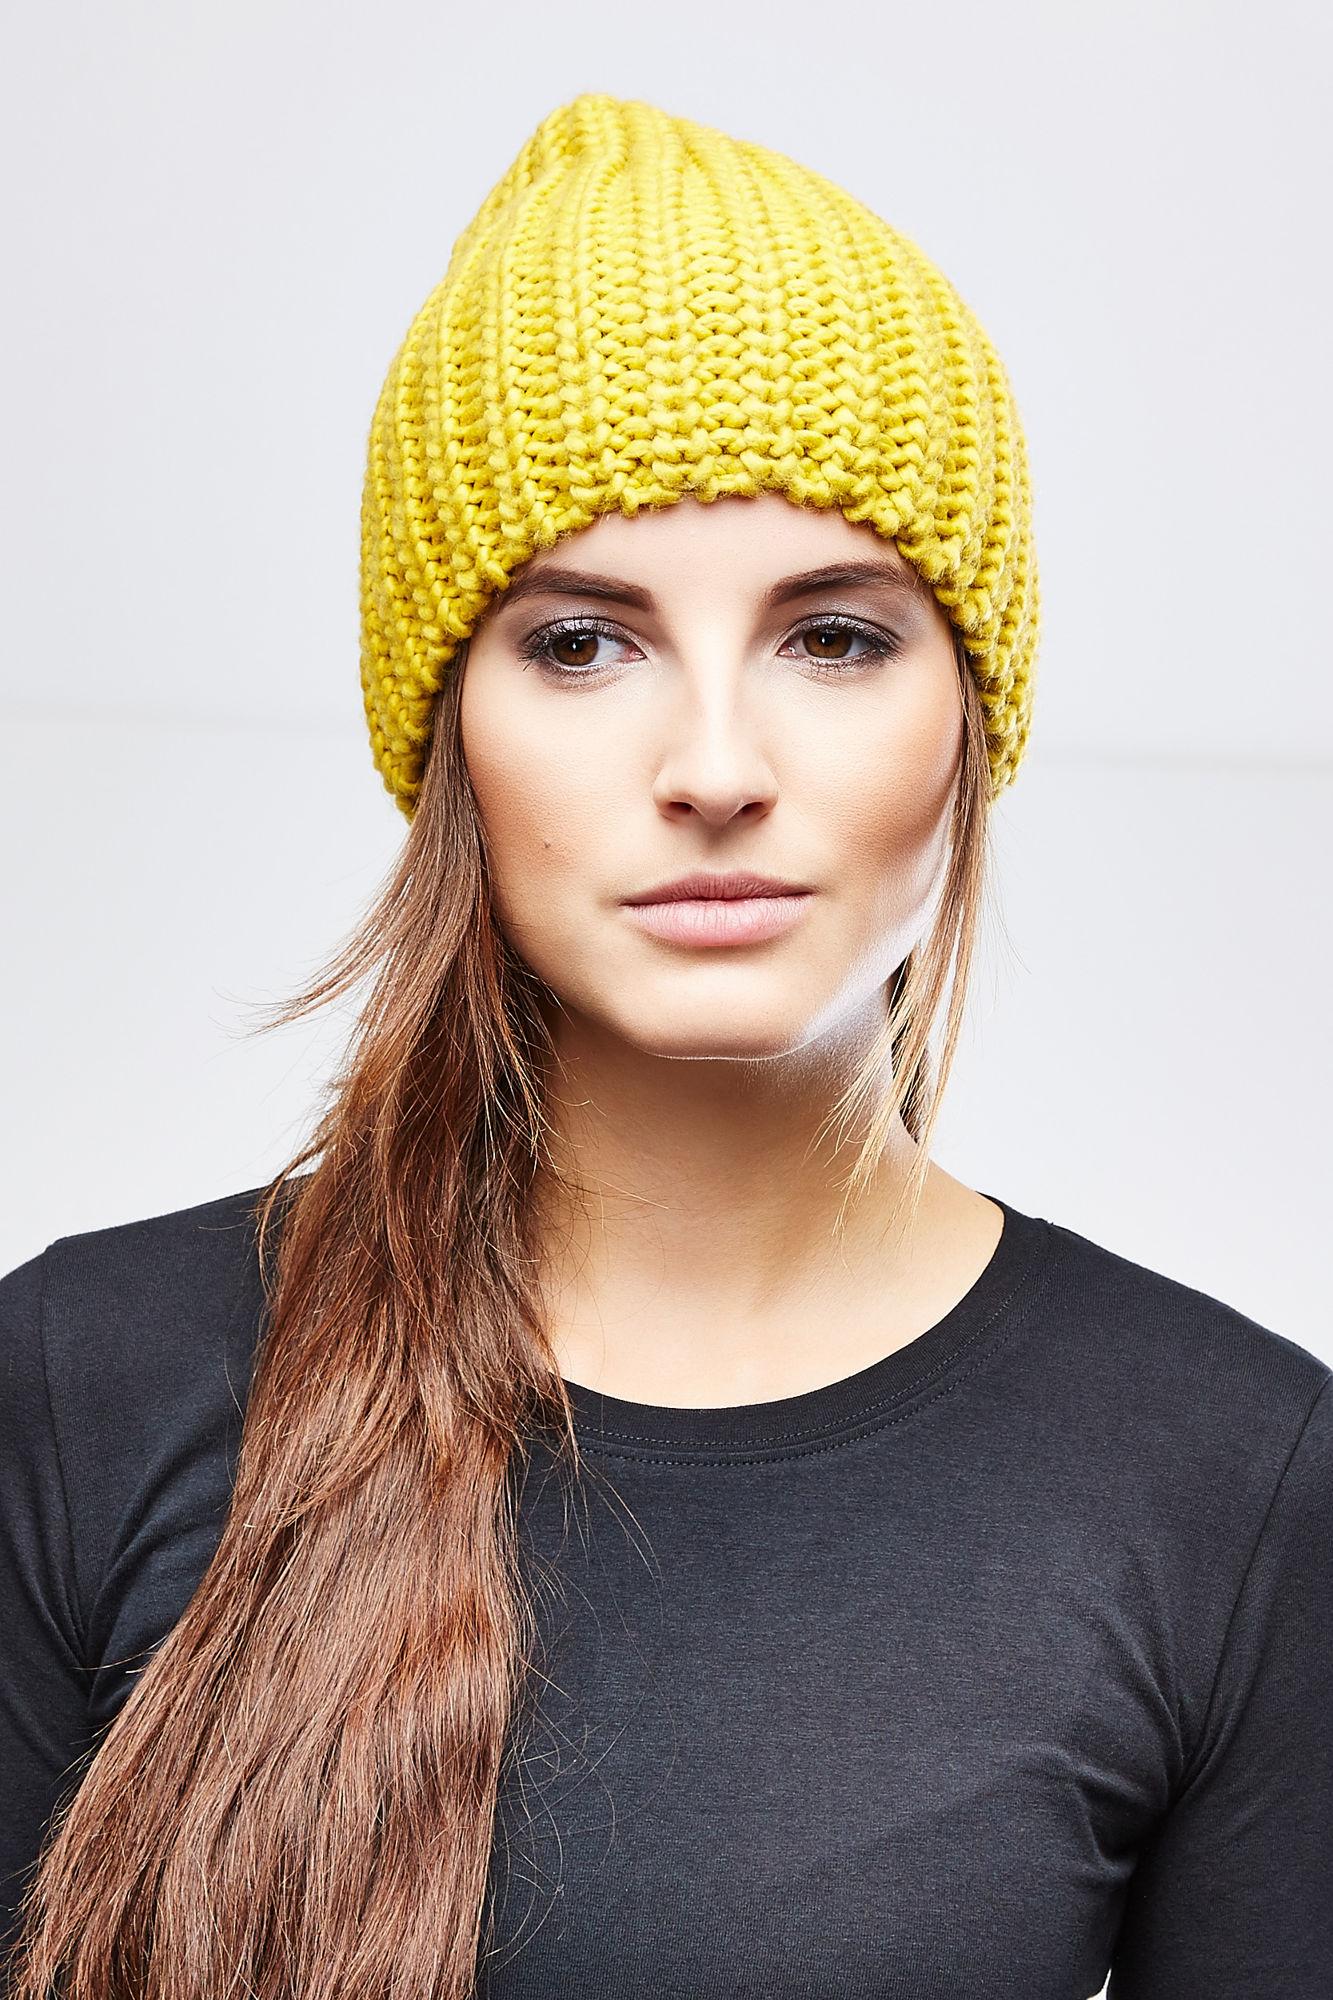 Шапка женская. Z-CZ-1816Z-CZ-1816_NAVYВязаная женская шапка Moodo отлично подойдет для вас в прохладную погоду. Изготовленная из акрила, она мягкая и приятная на ощупь, максимально удерживает тепло. Благодаря крупной эластичной вязке, шапочка плотно облегает голову. Удлиненная модель шапки идеально подходит для любого типа лица и никогда не выходит из моды. Такой стильный и теплый головной убор подчеркнет ваш образ и индивидуальность!